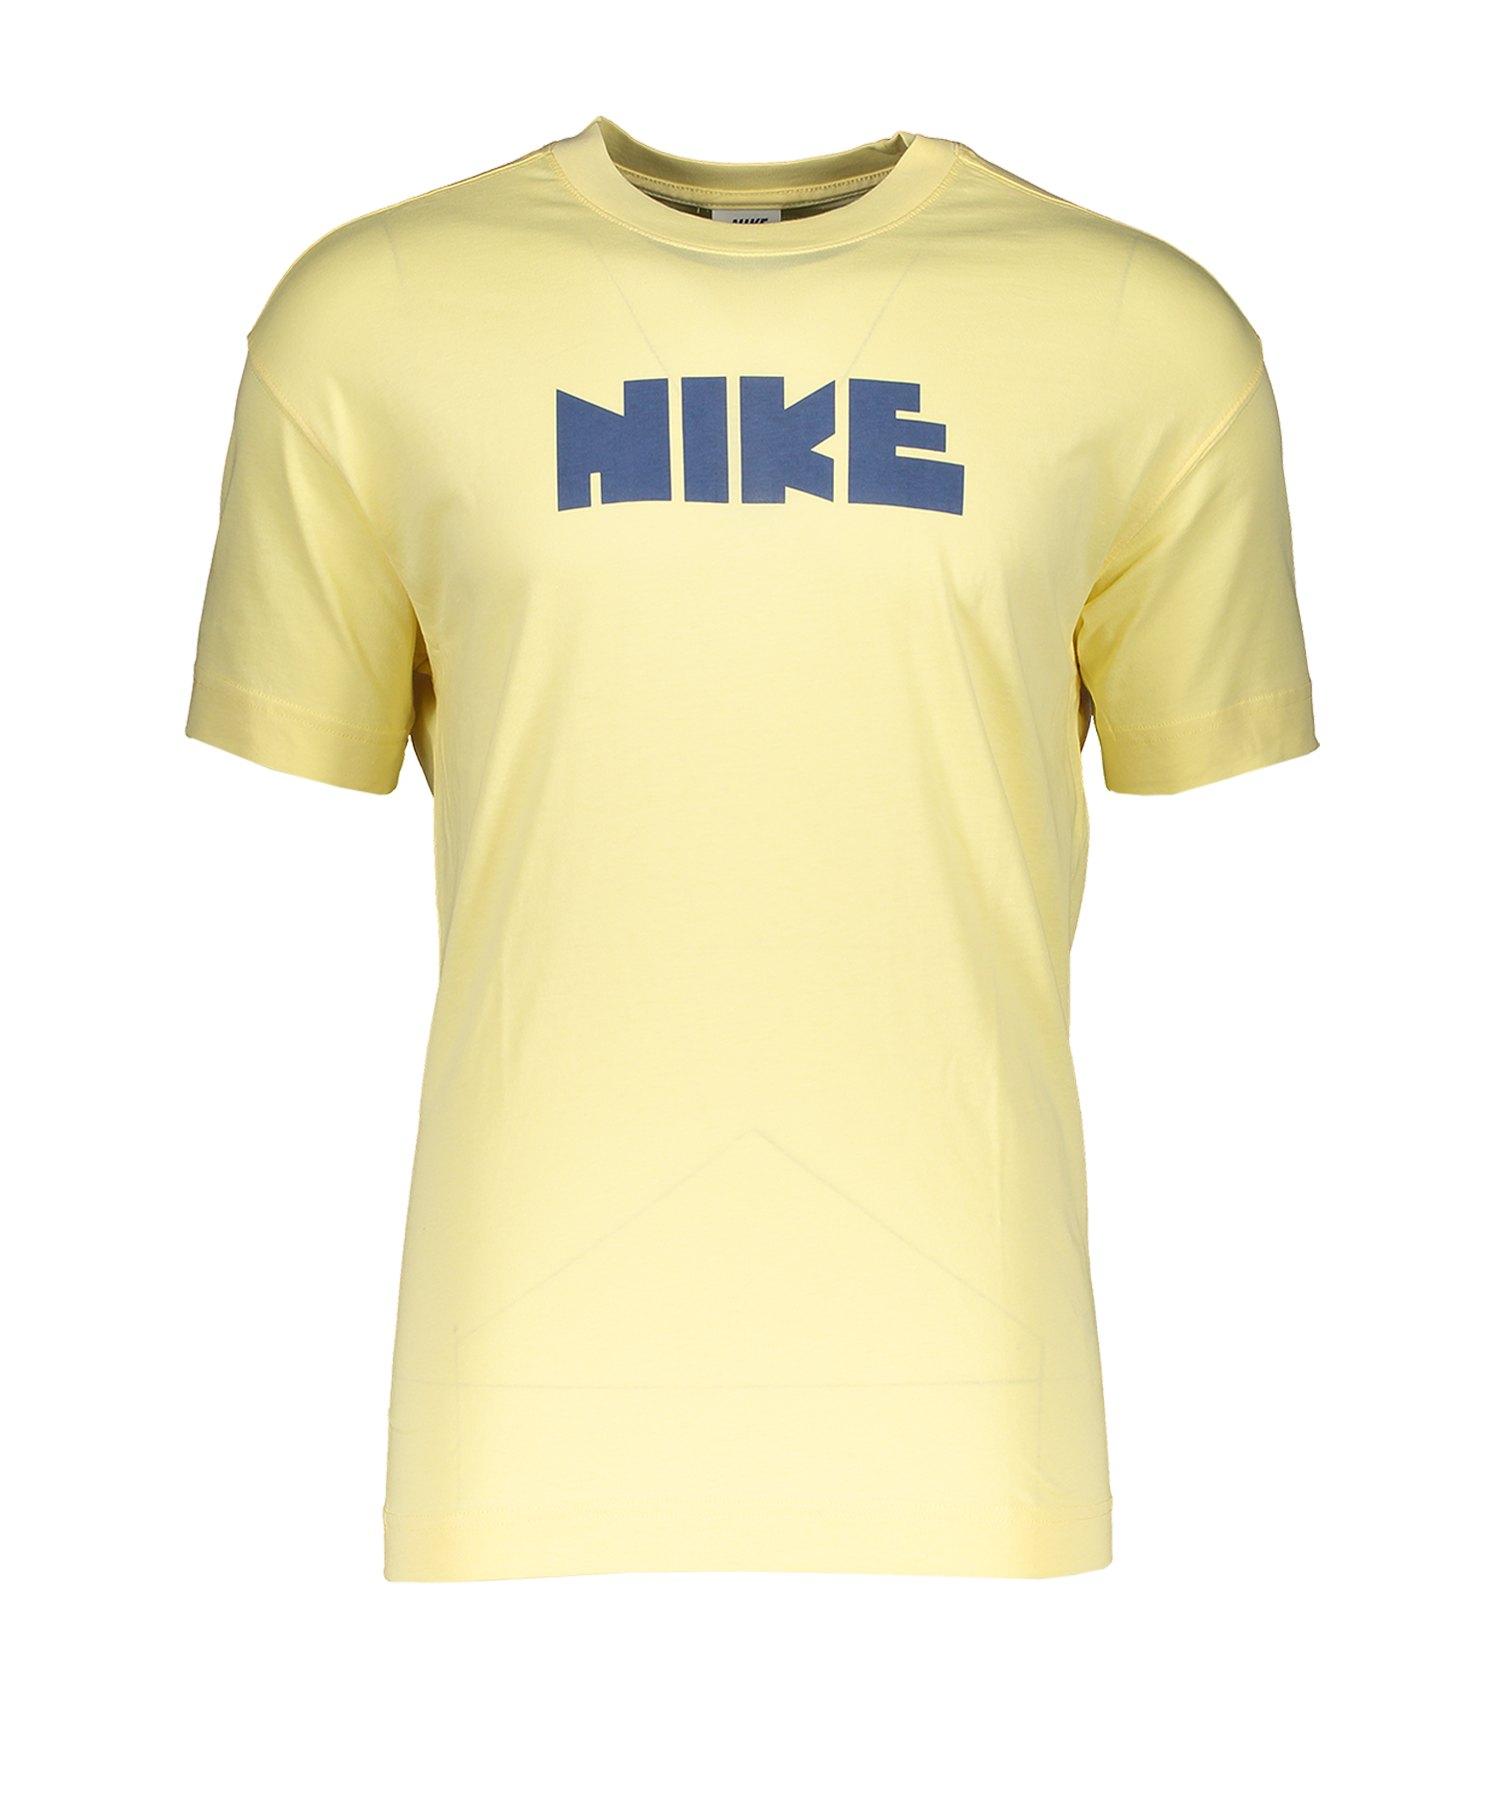 Nike T-Shirt Gelb Blau F746 - Gelb